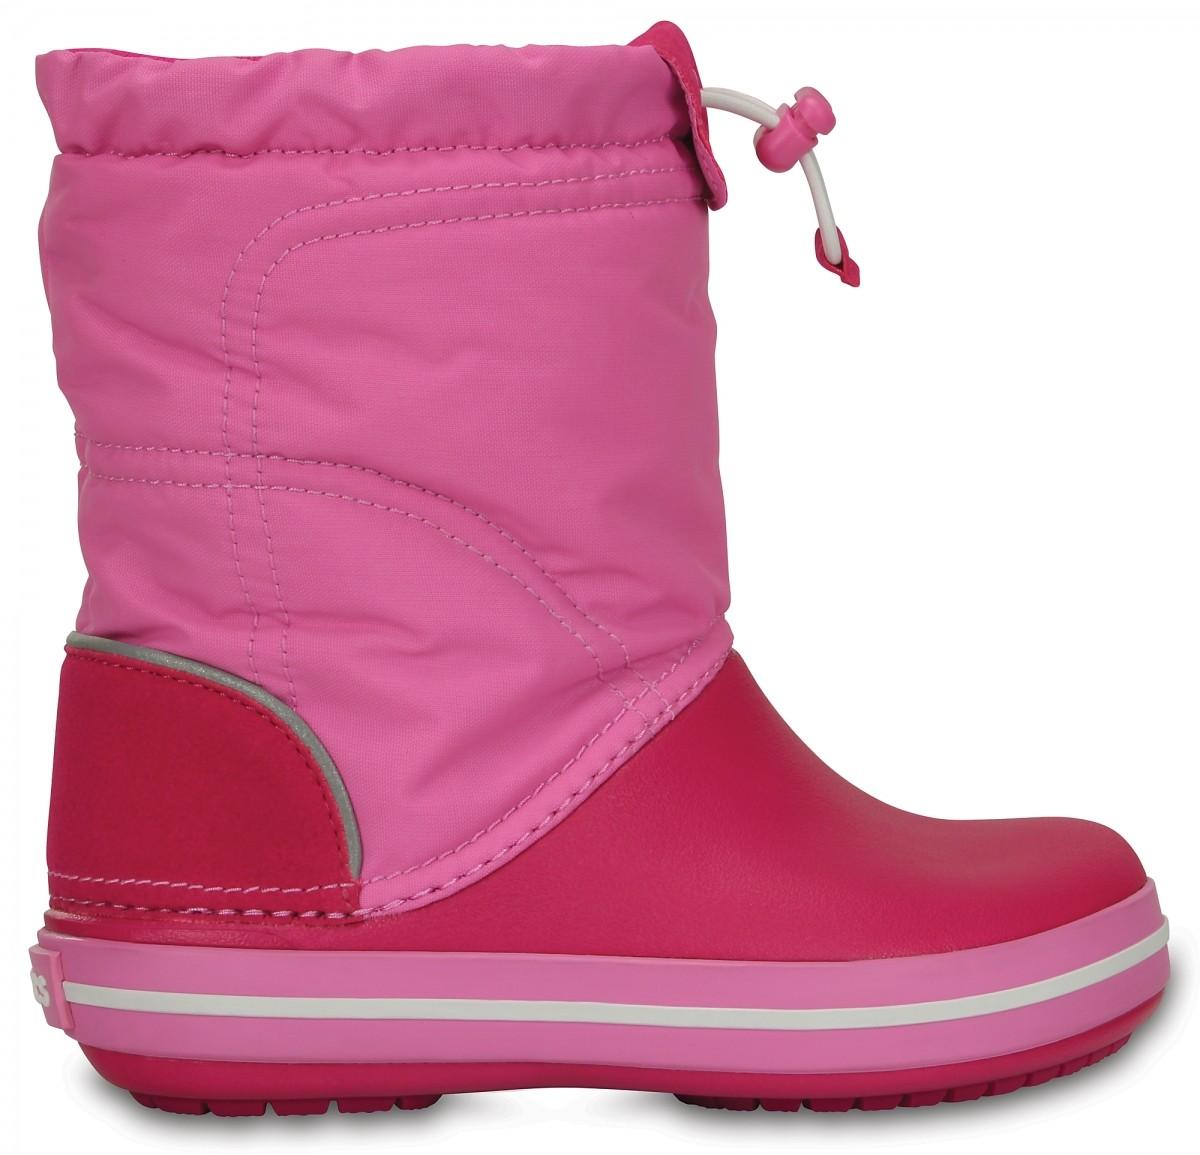 22df23e716a Dětské sněhule Crocs Crocband LodgePoint Boot Kids - Candy Pink ...